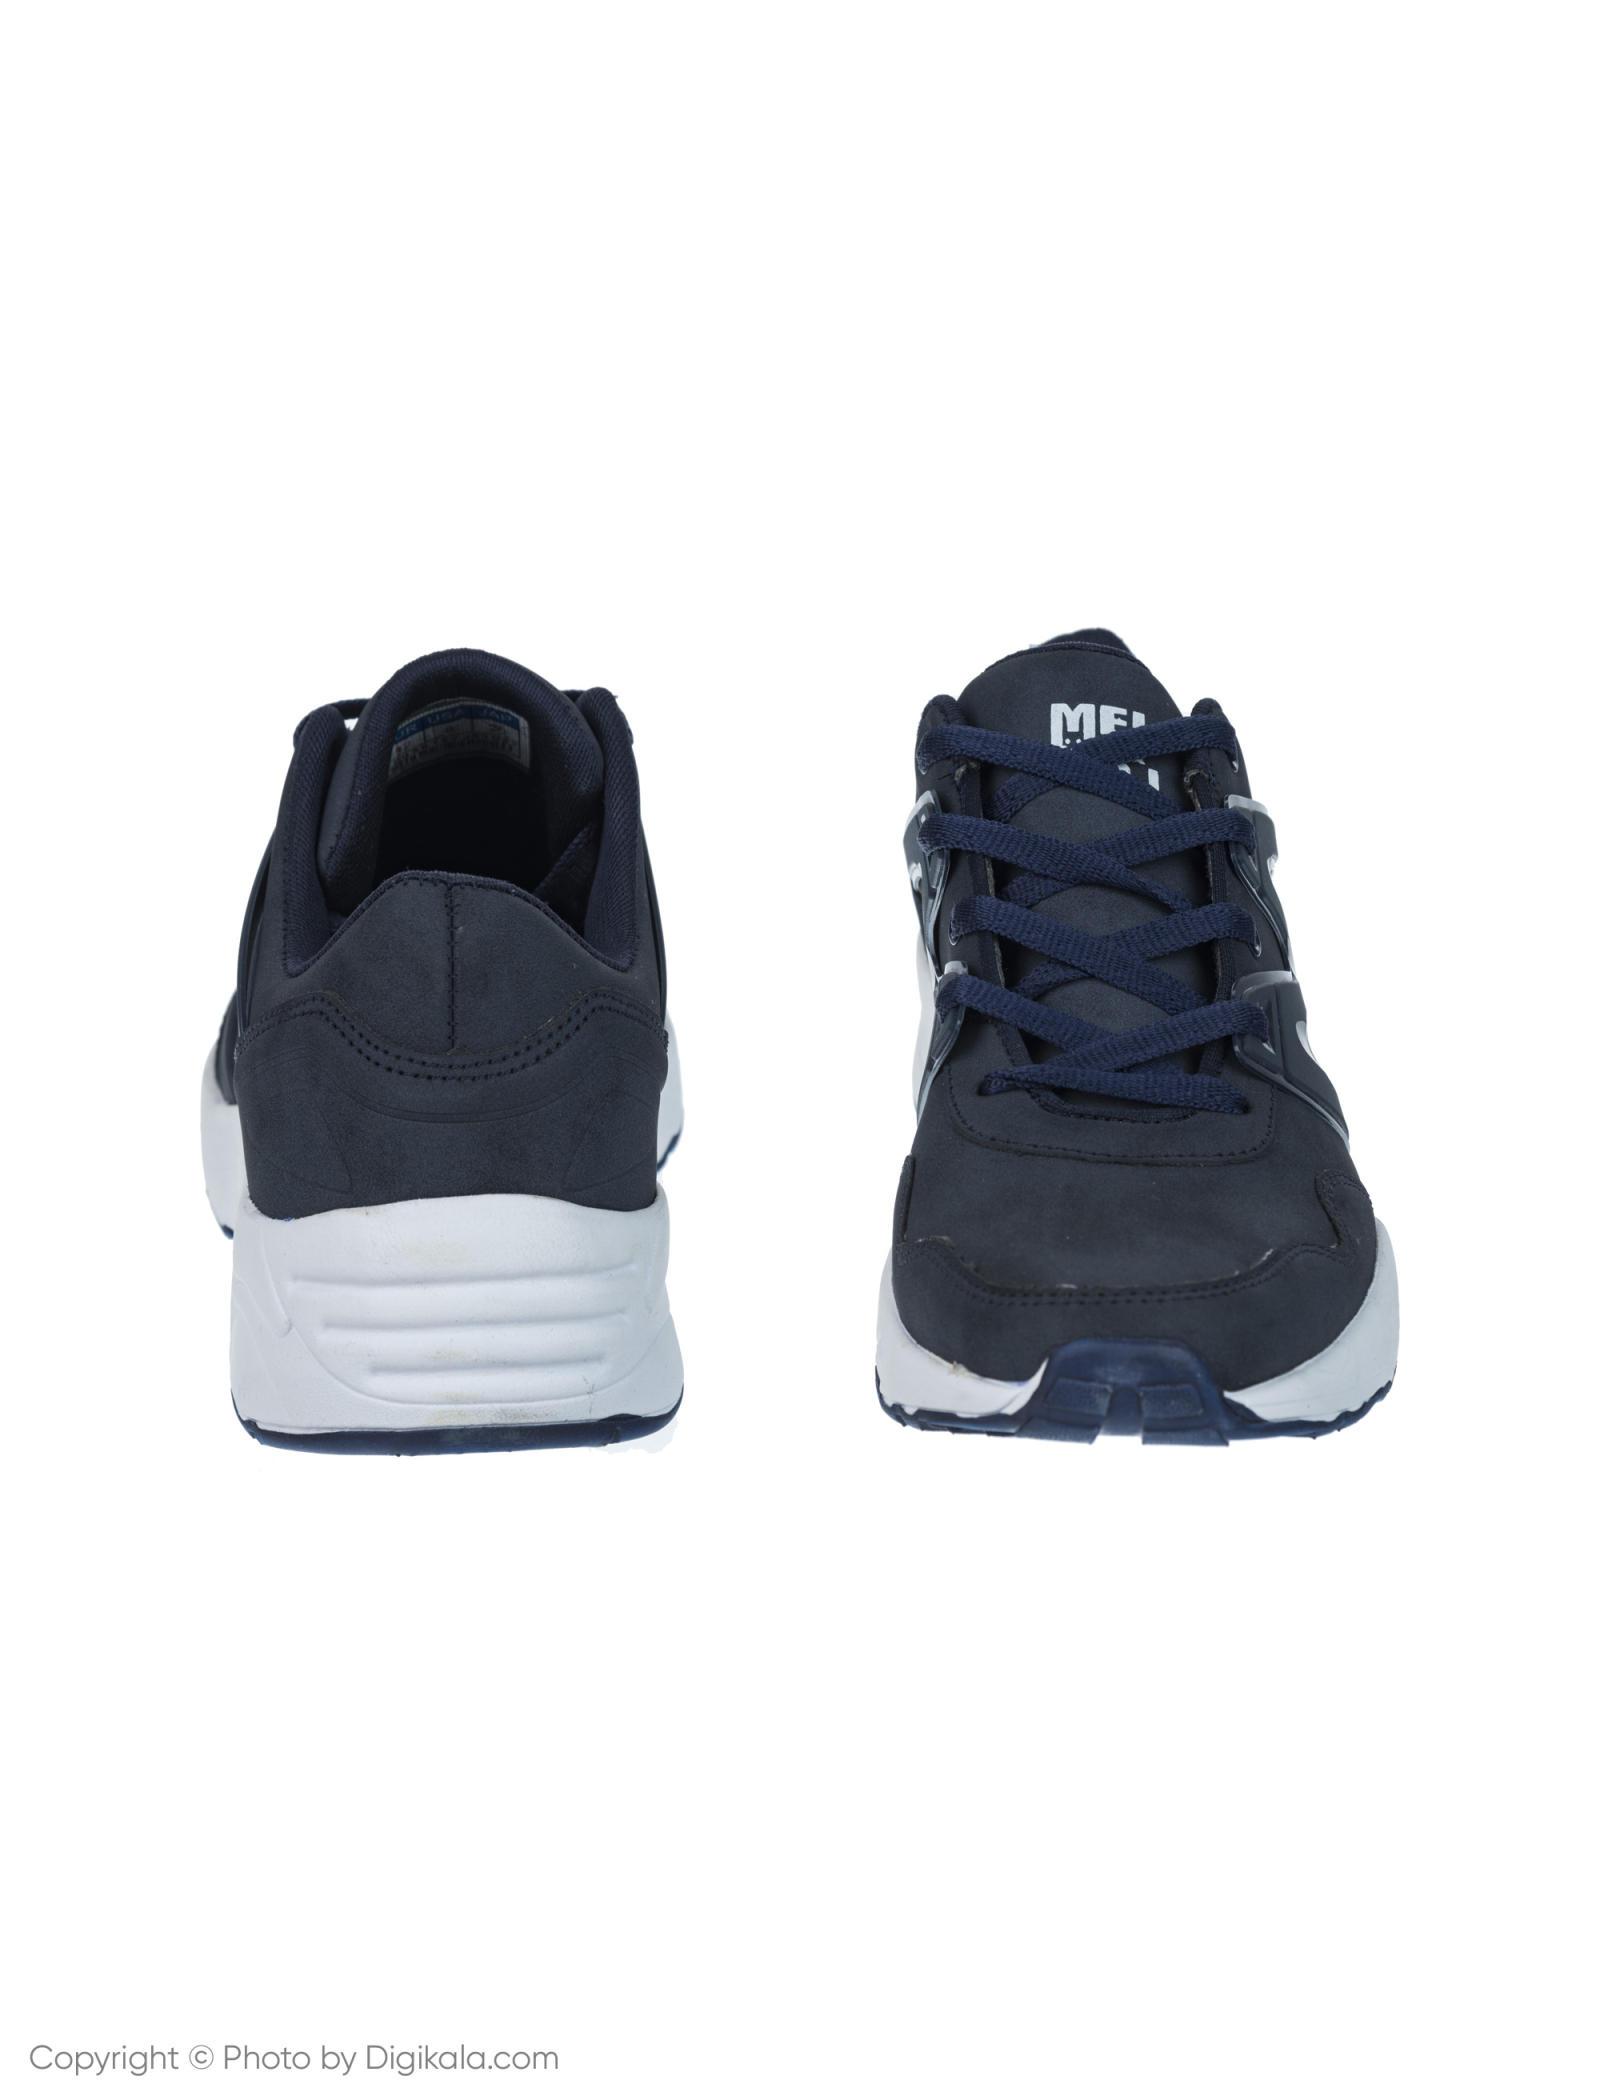 کفش مردانه مل اند موژ مدل M206-400 -  - 3